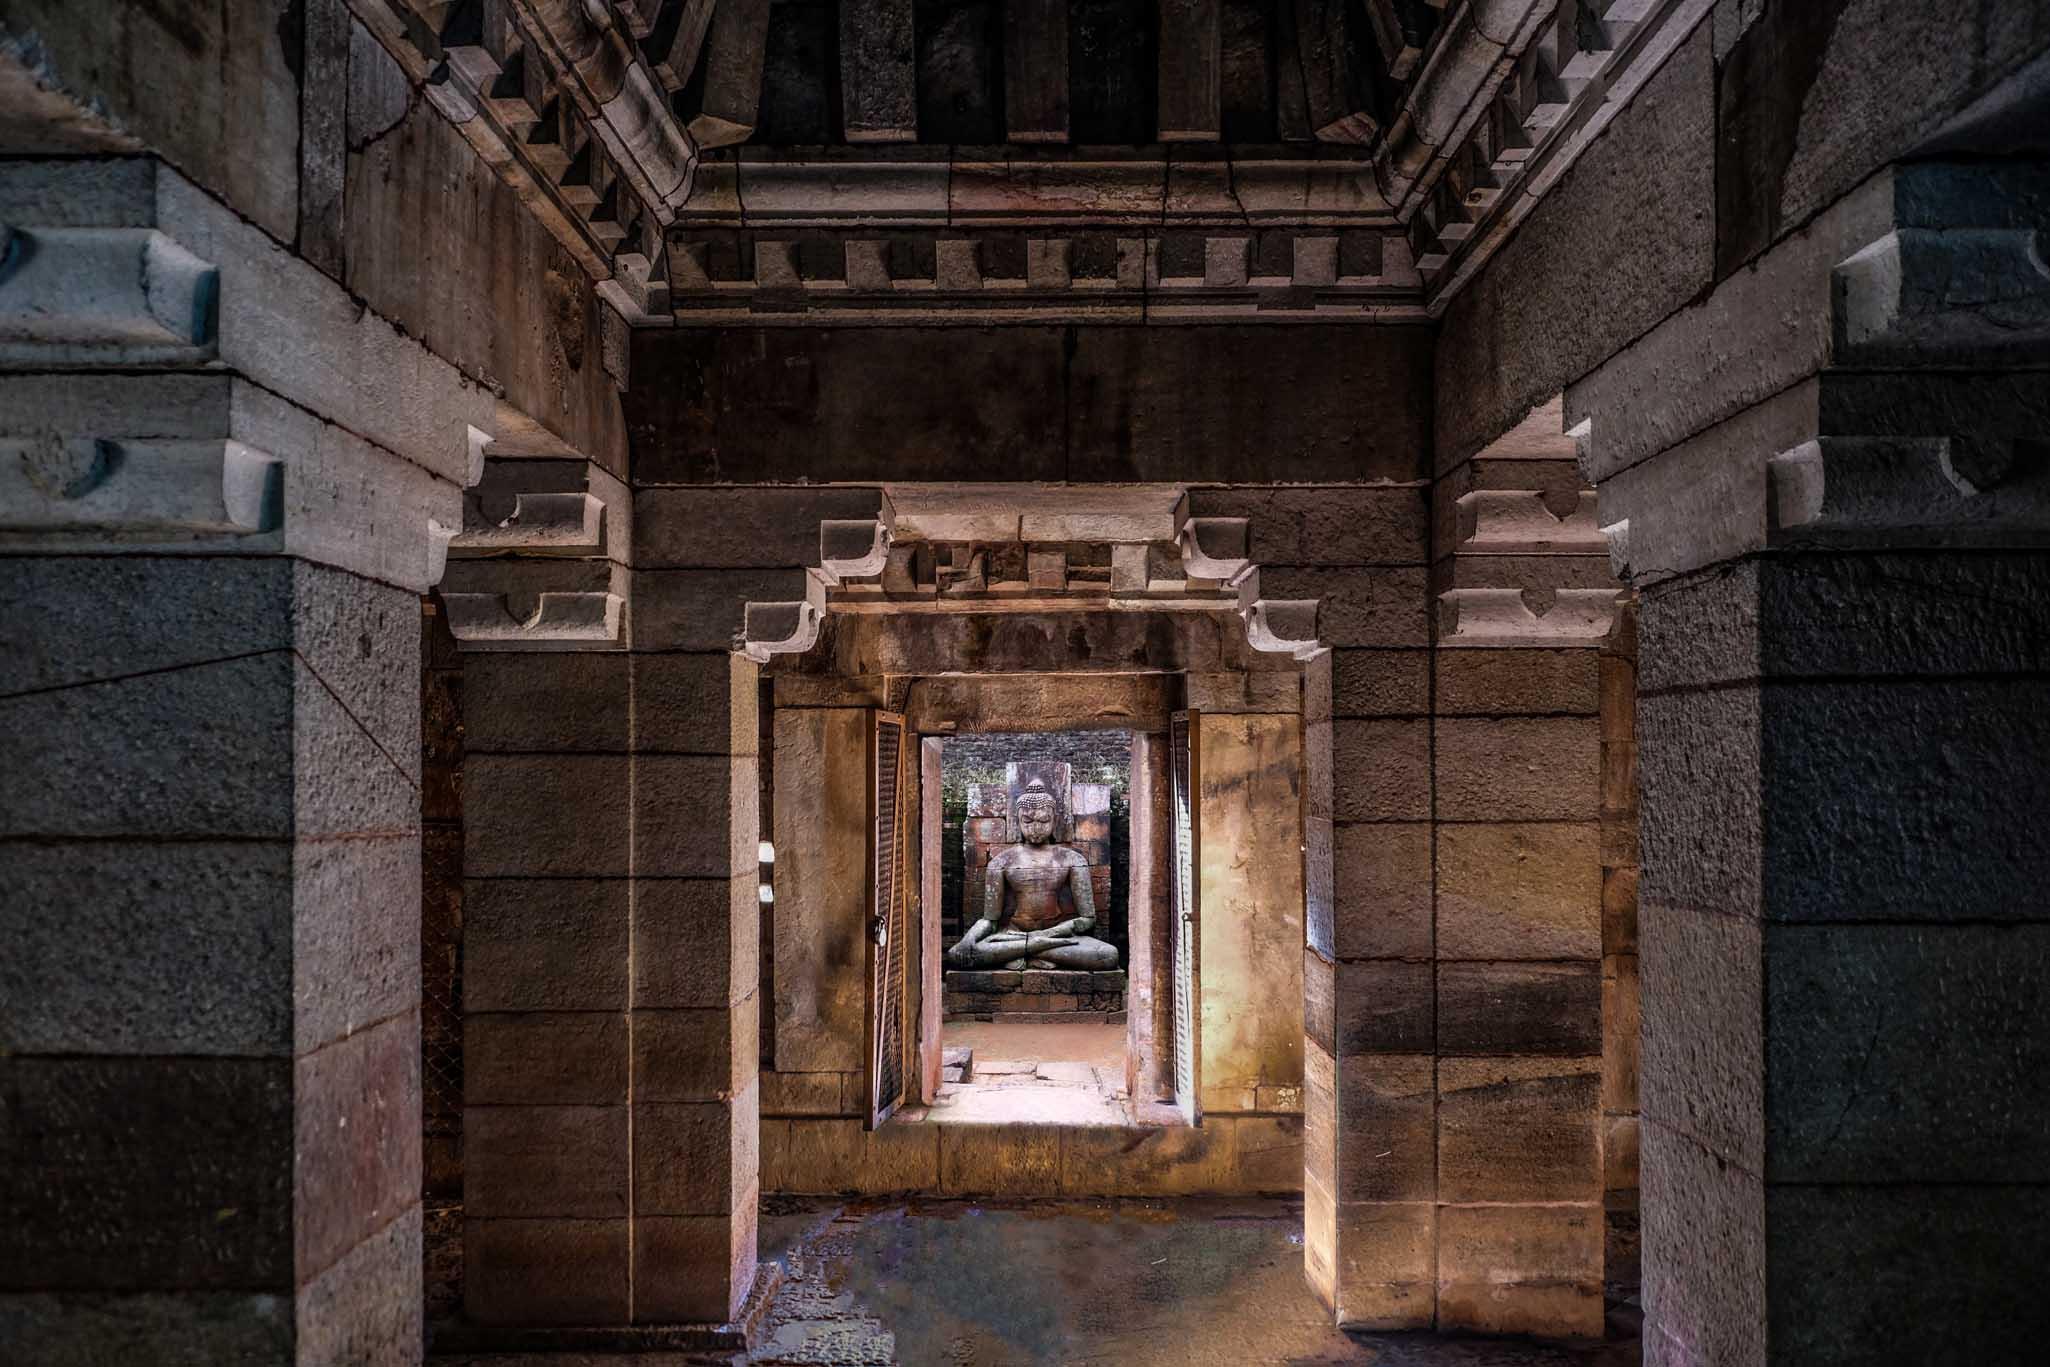 strakke symmetrische belijning in eeuwenoude tempel